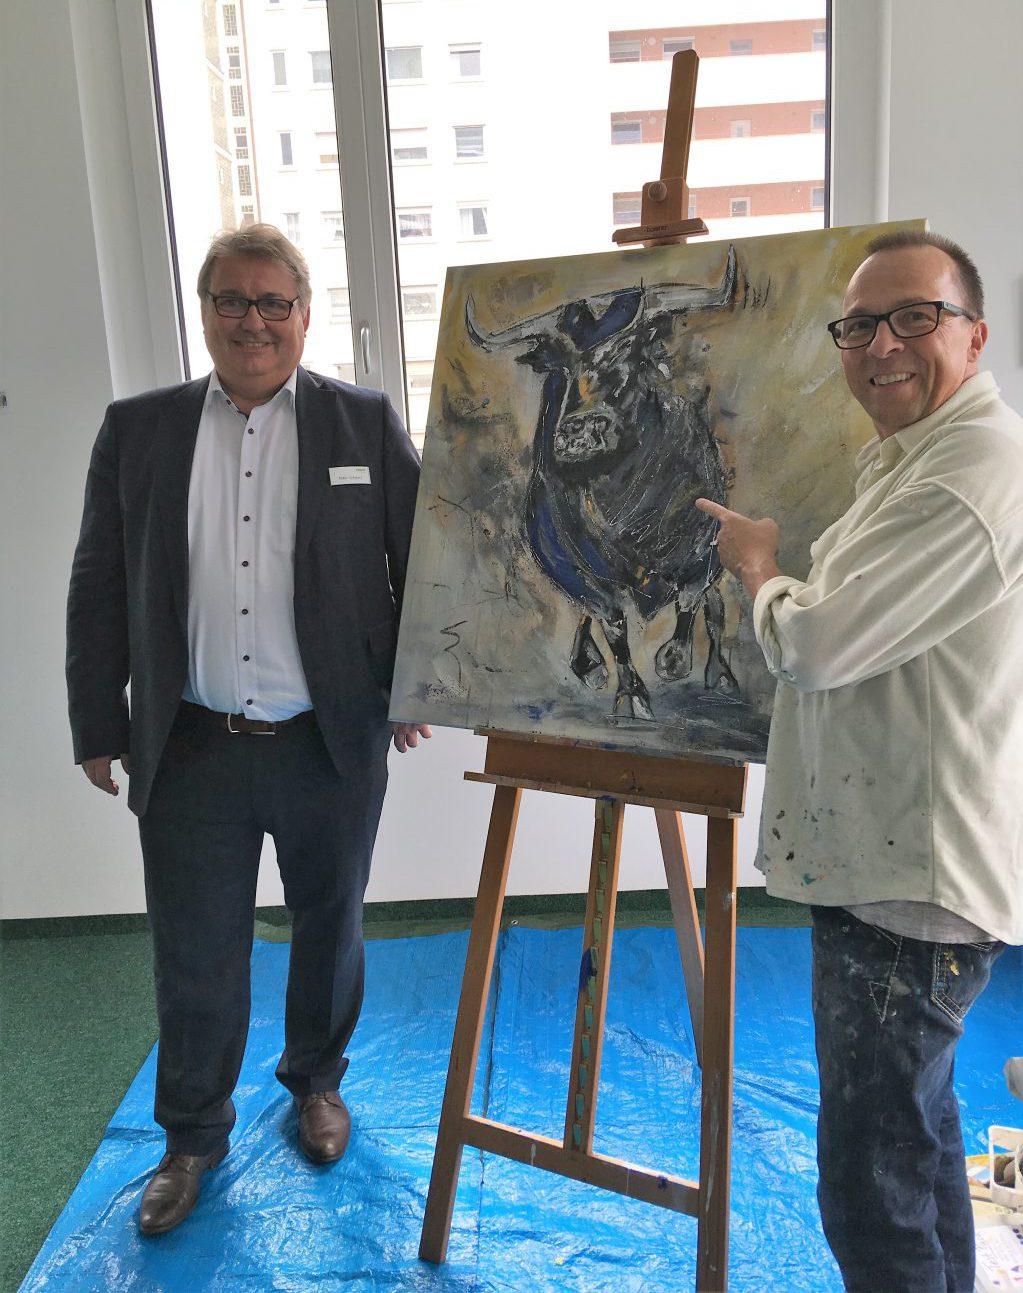 Peter Schwarz und Thomas Reinhold vor dem fertigen Bild